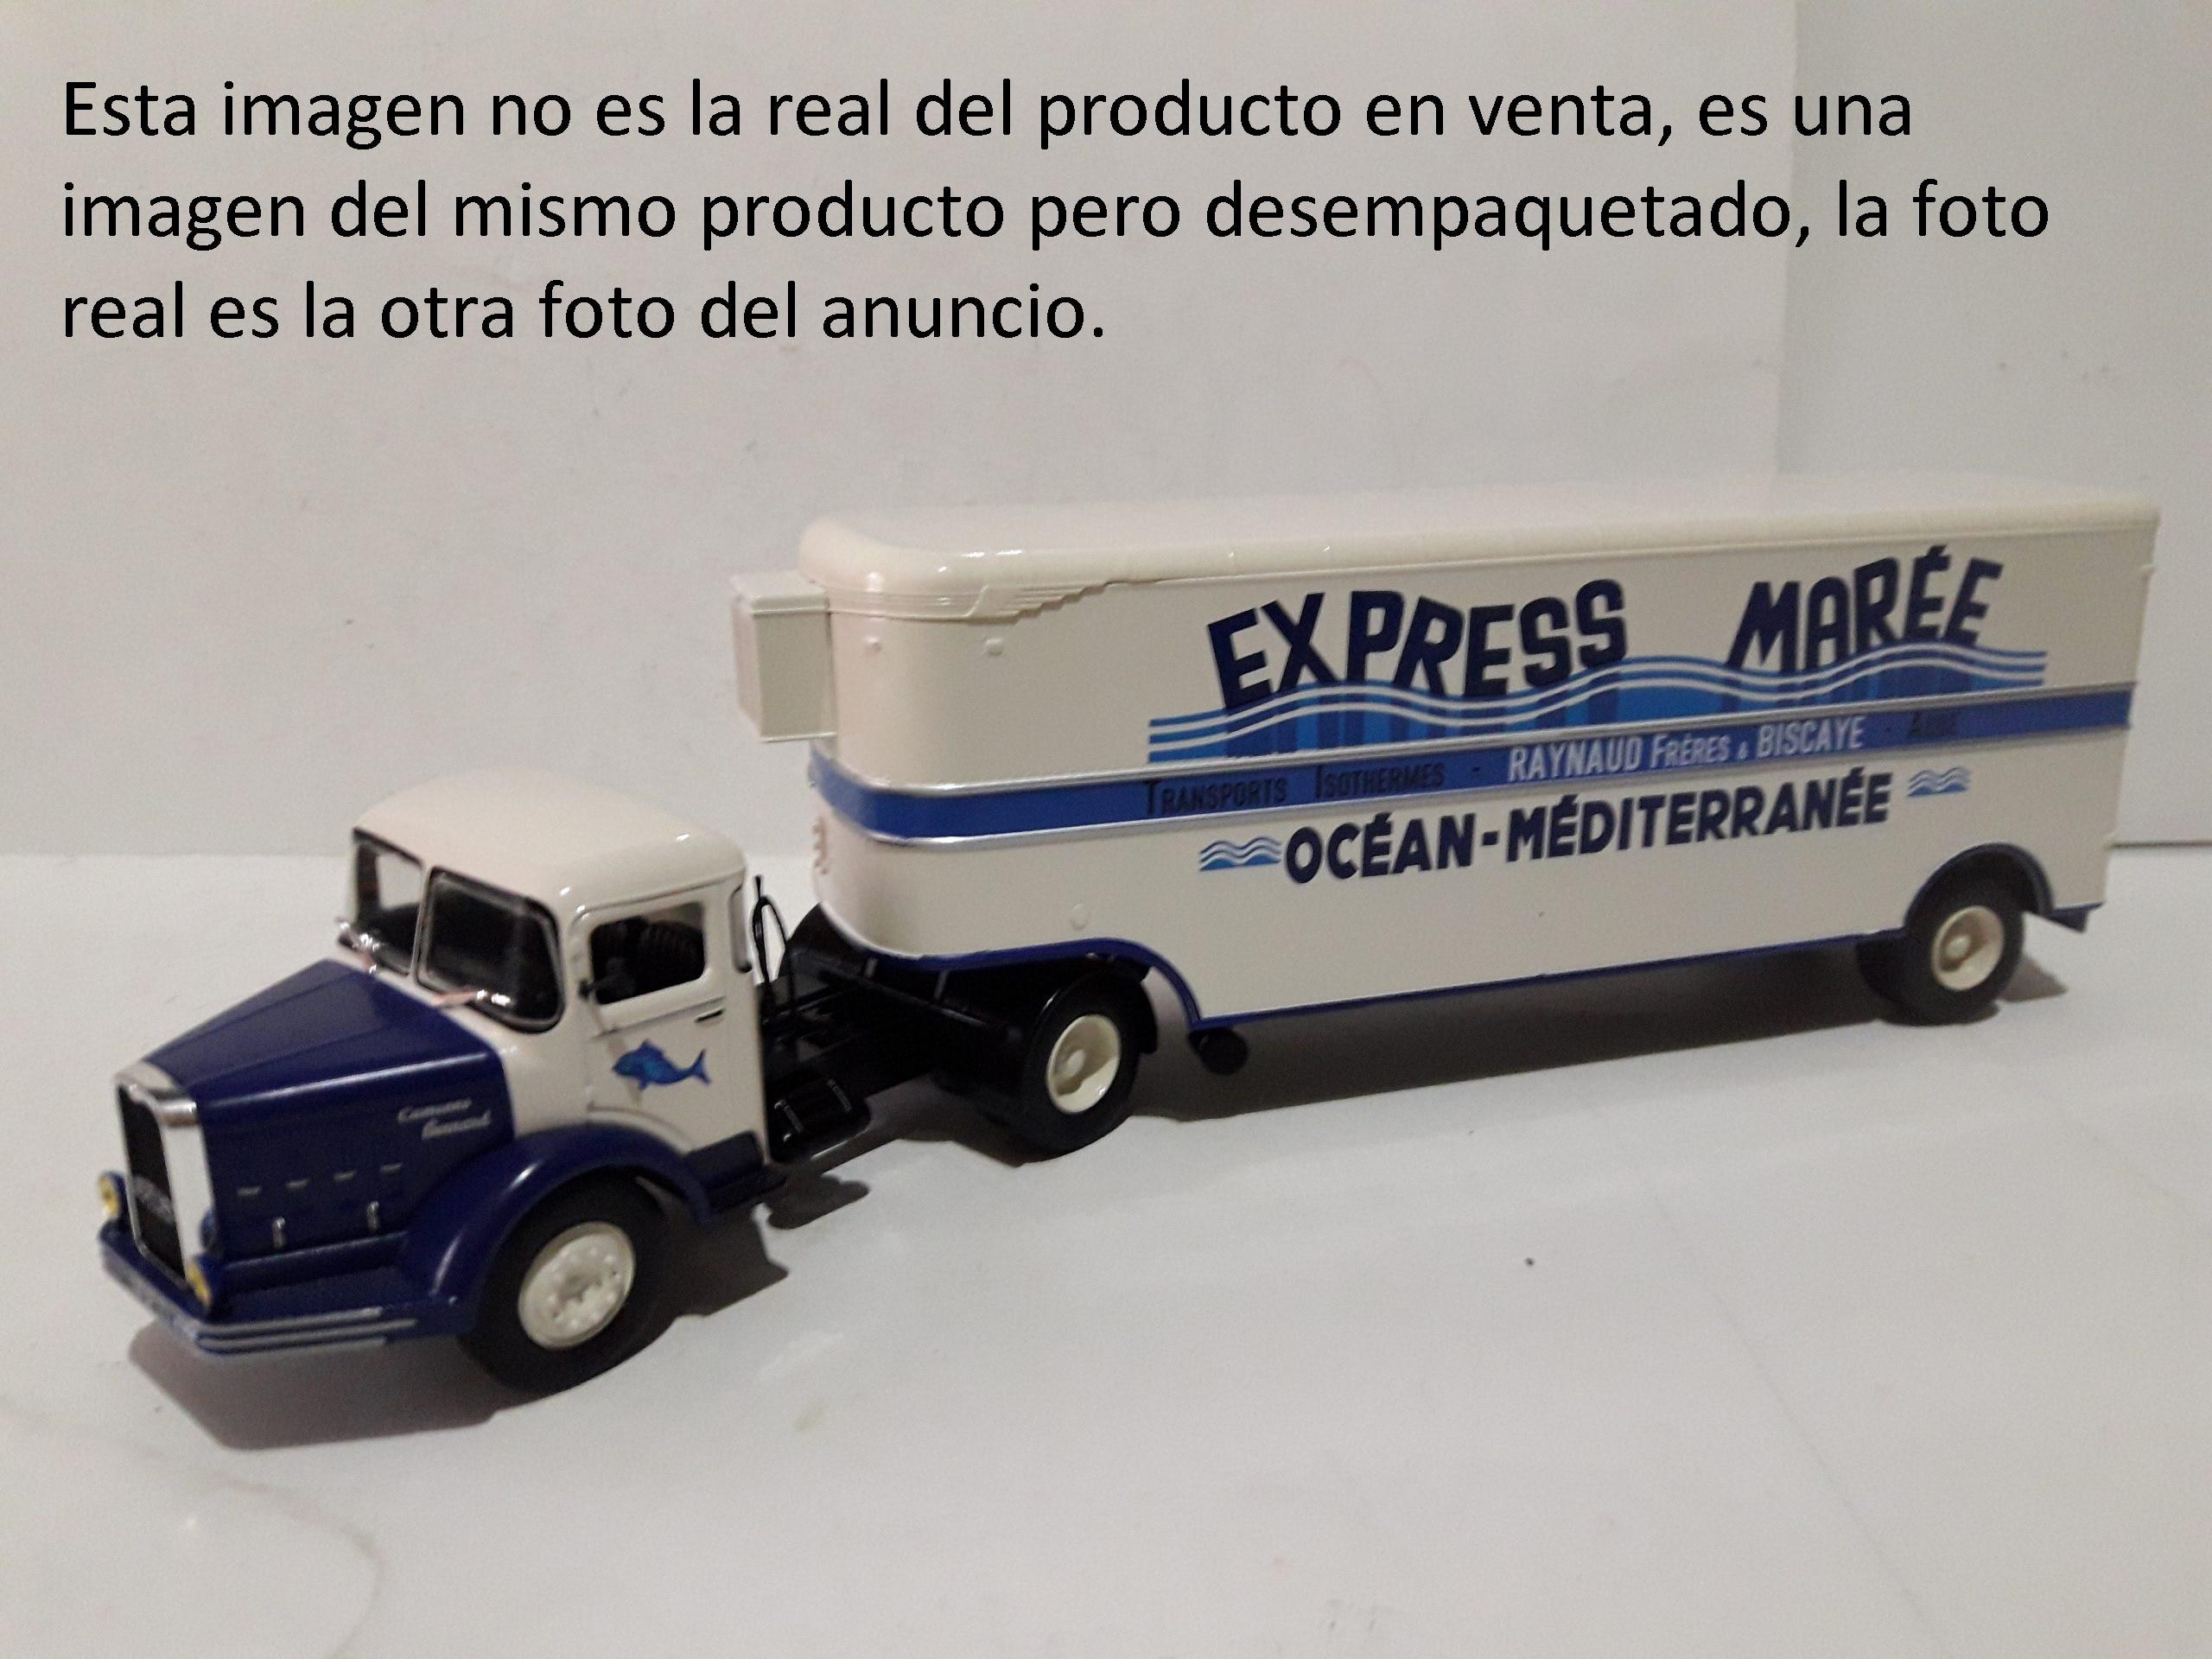 Bernard 150MB 150 MB - IXO ALTAYA 1/43 TRUCK - Fascículo 13 camión EXPRESS MARÉE